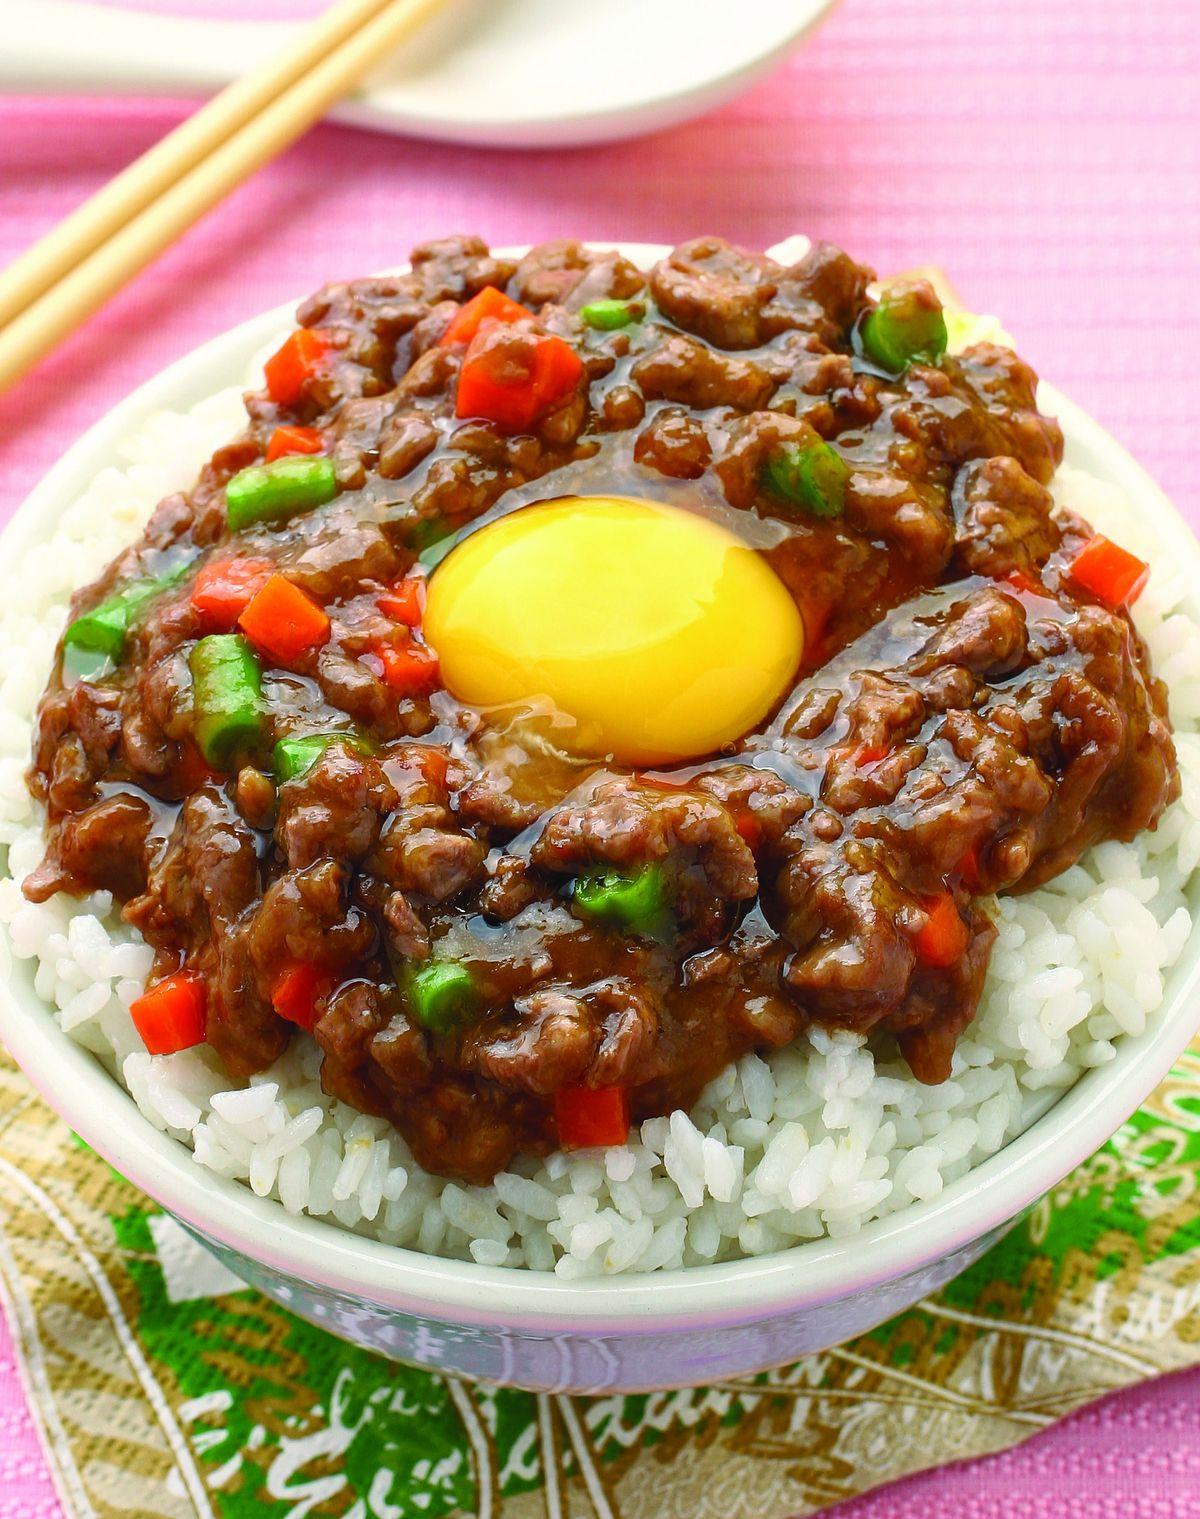 食譜:窩蛋牛肉蓋飯